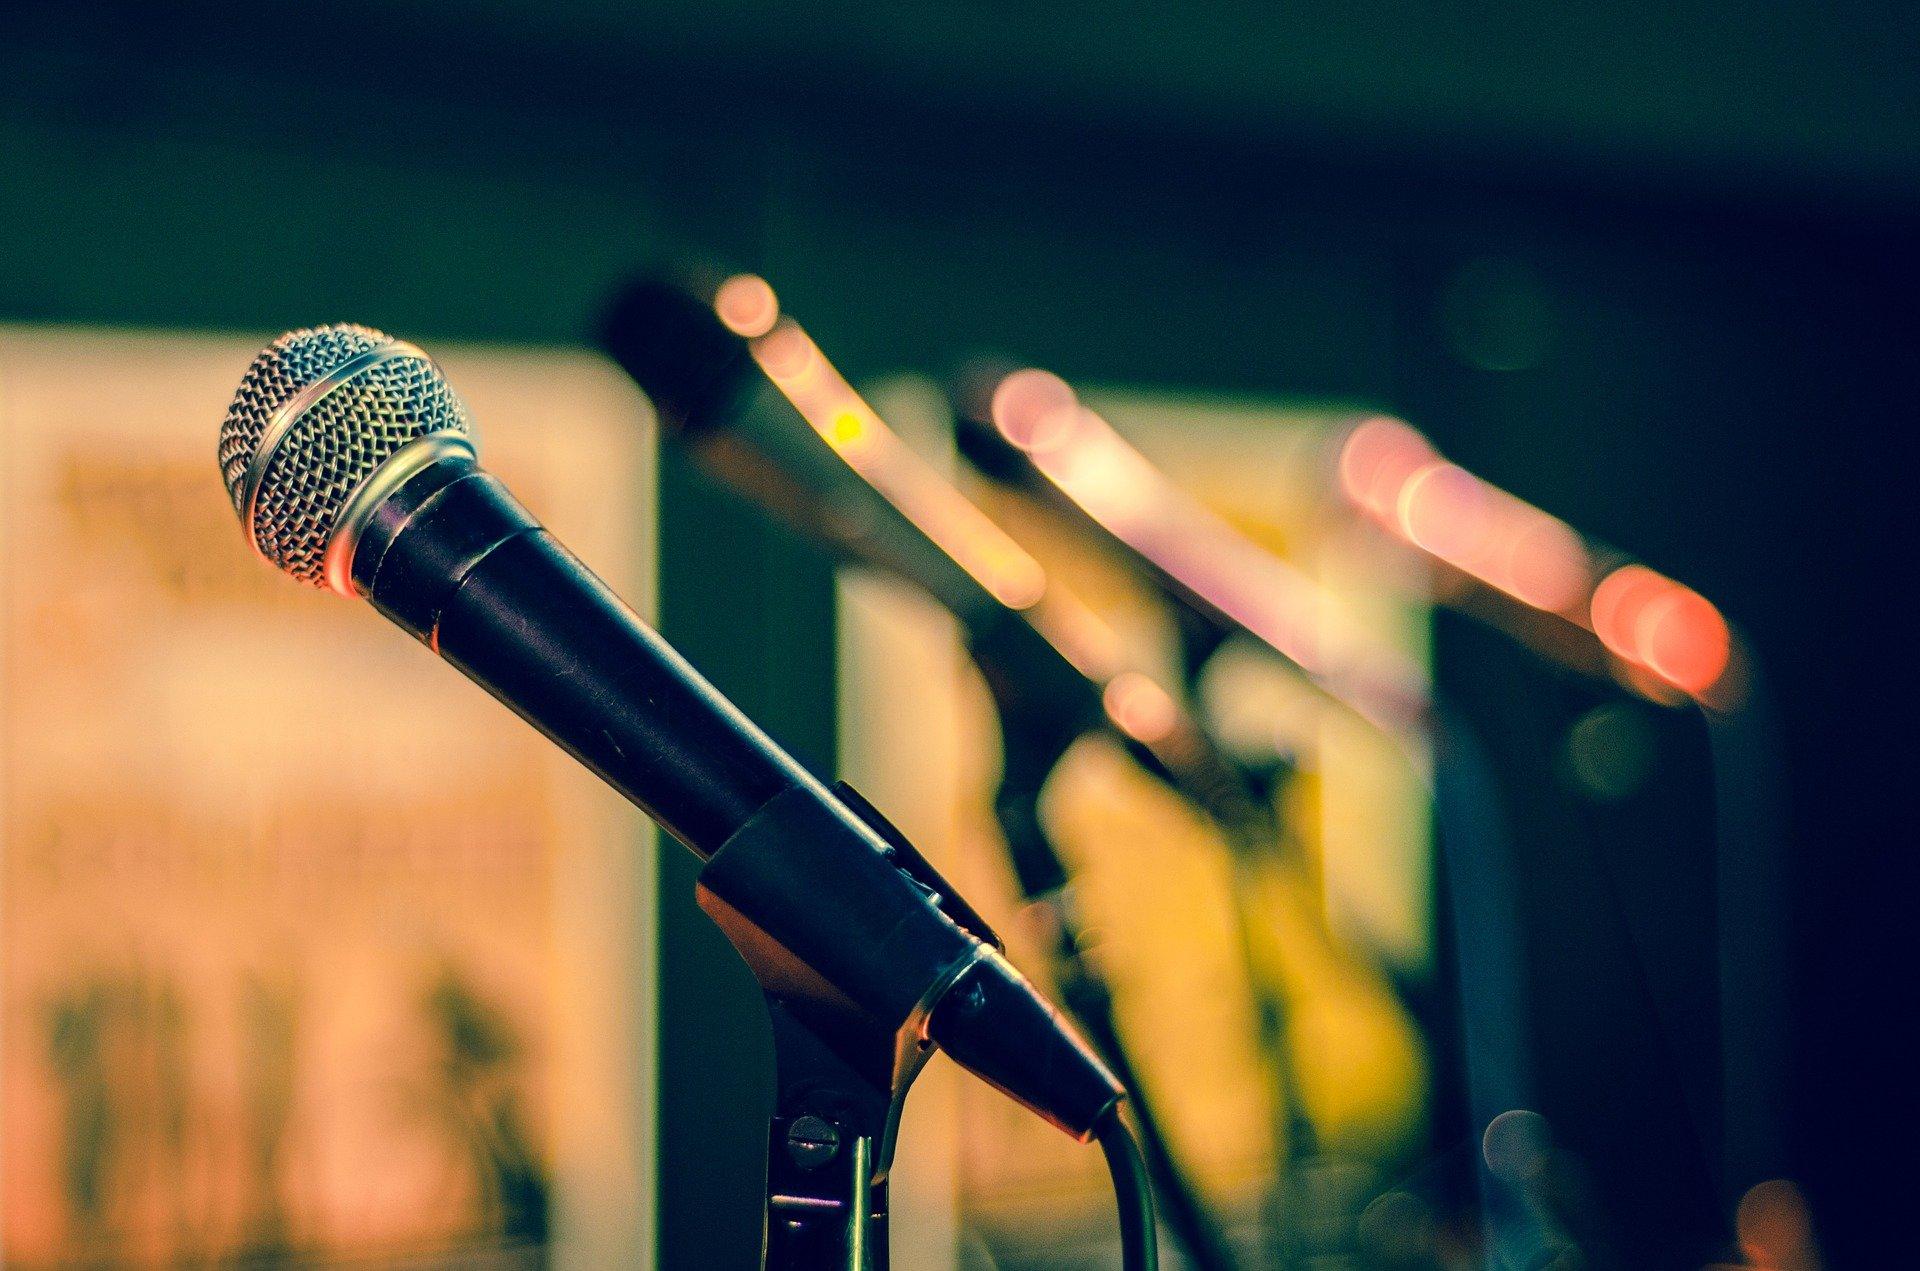 Мастер-класс по эстрадному вокалу проведут в Доме культуры «Коммунарка»